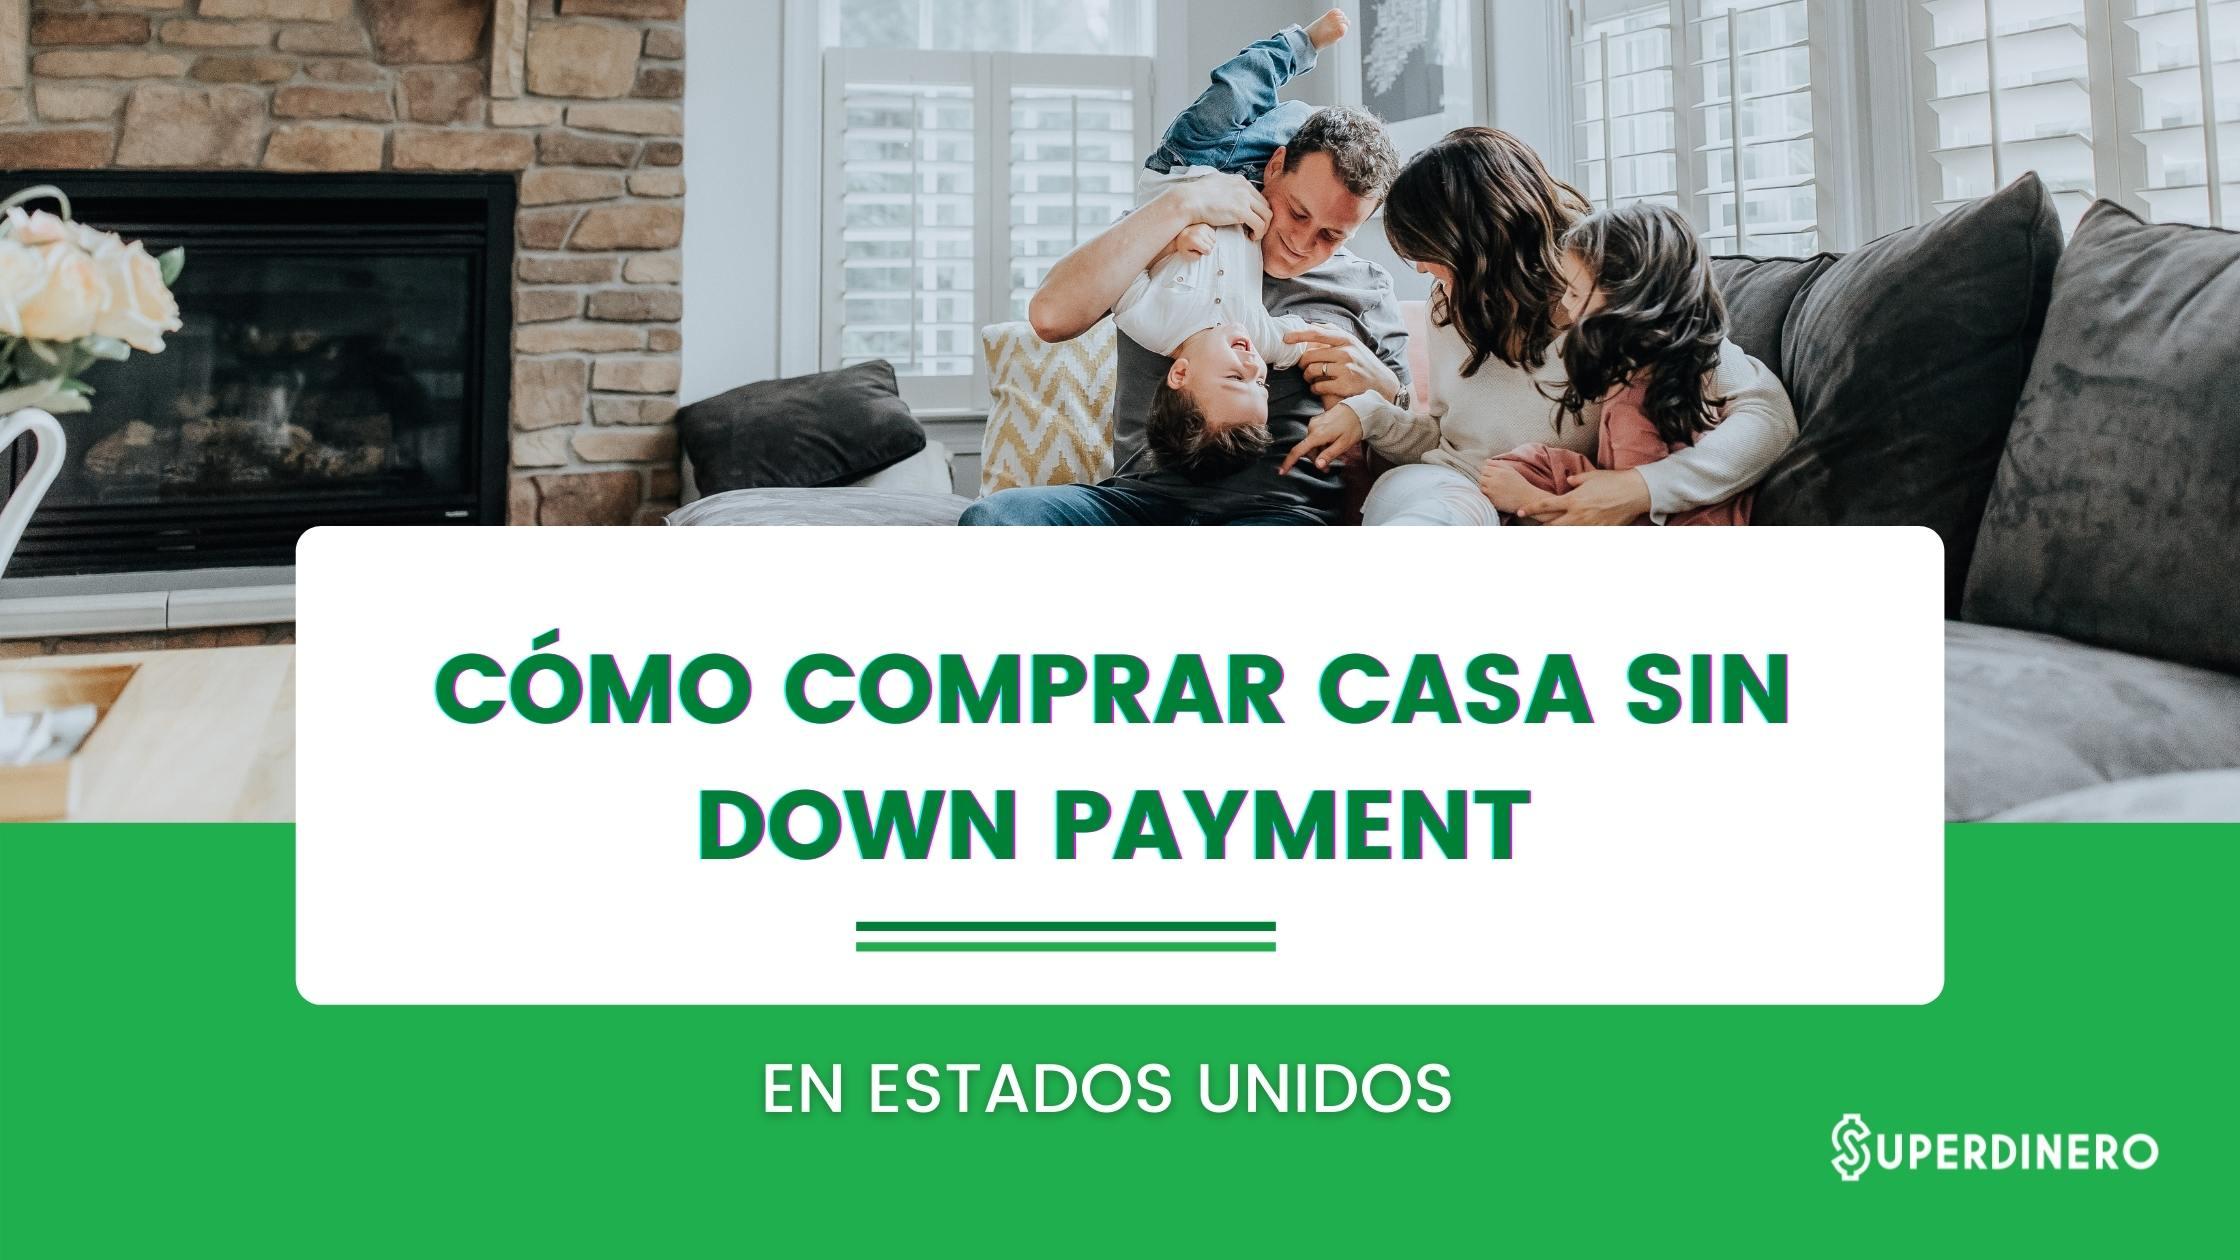 Cómo comprar casa sin down payment en USA